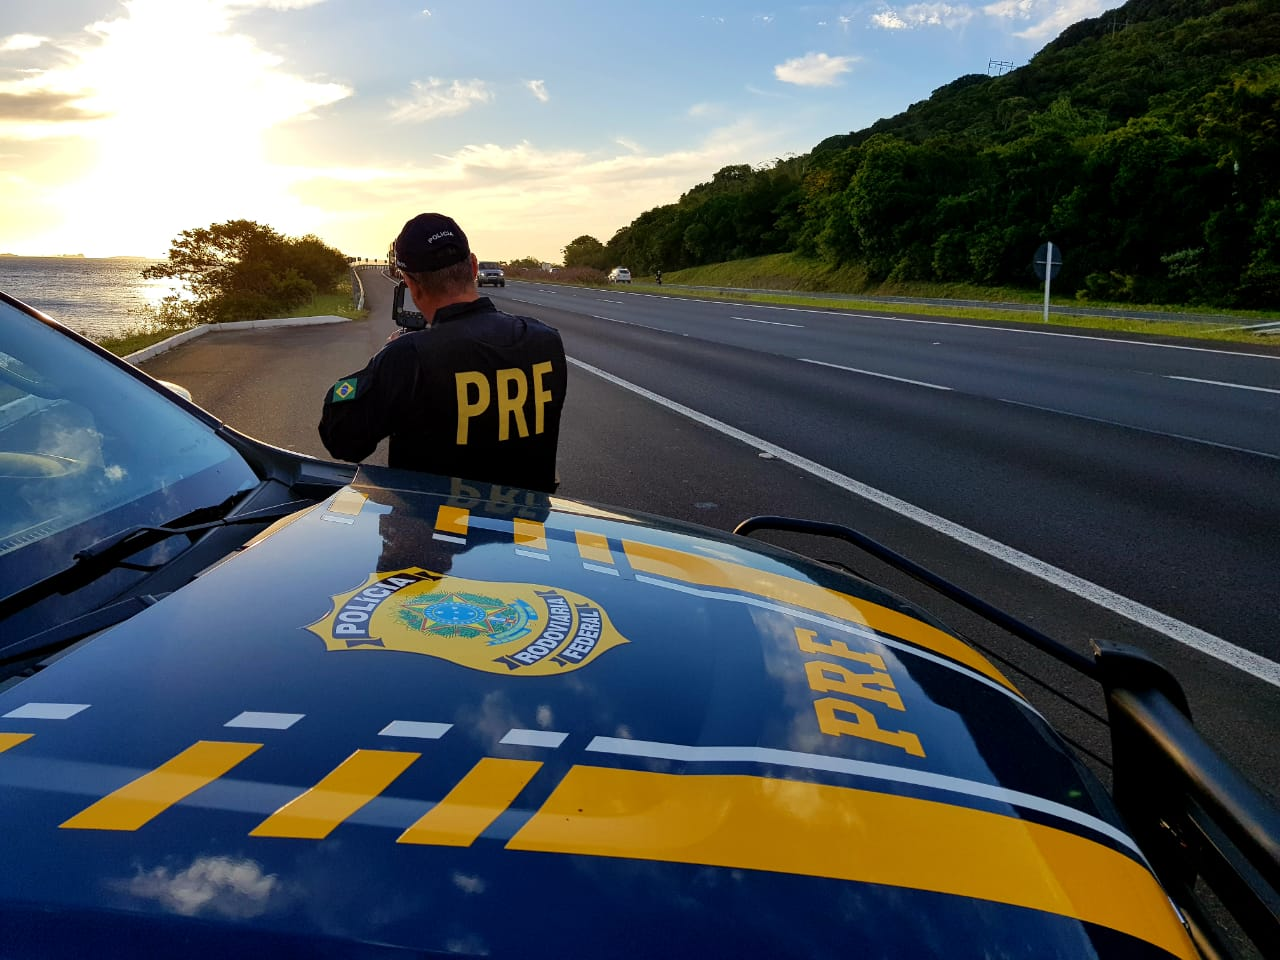 Mais de 2.500 veículos foram multados por excesso de velocidade na Freeway no fim de semana